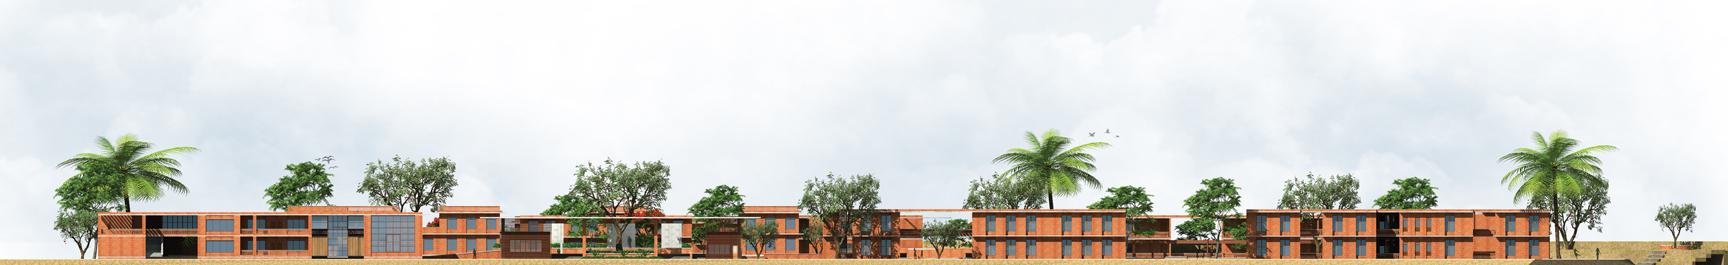 South Elevation © Iftekharul Alam Shazal | BU